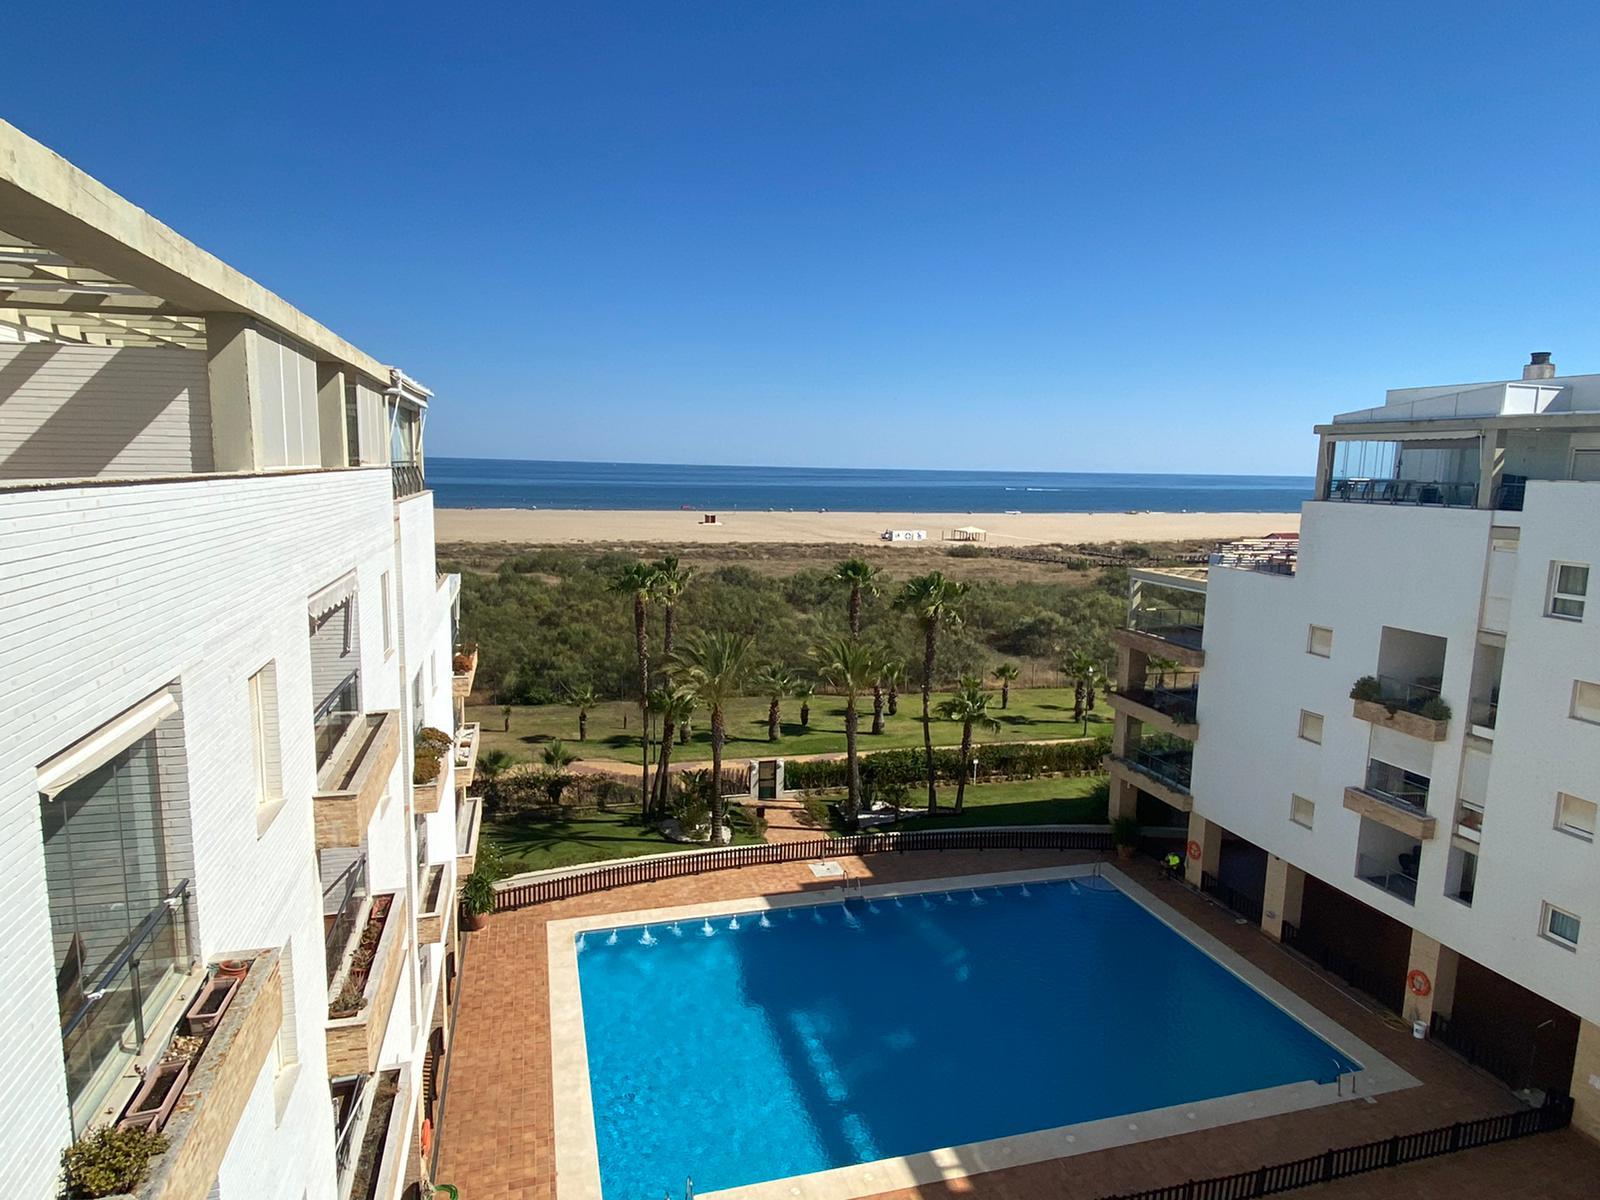 Imagen 31 del Apartamento Turístico, Ático 1 Central (3d+2b), Punta del Moral (HUELVA), Paseo de la Cruz nº22